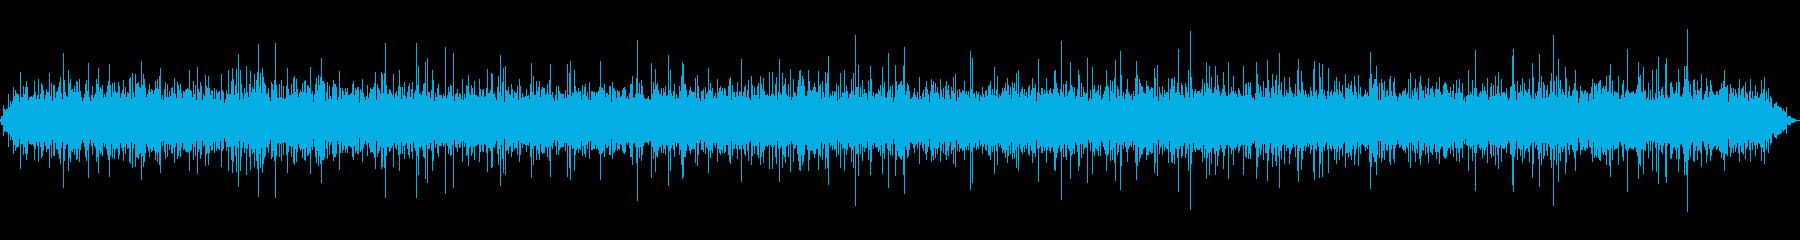 【環境音】涌水 (殿ヶ谷戸庭園)の再生済みの波形